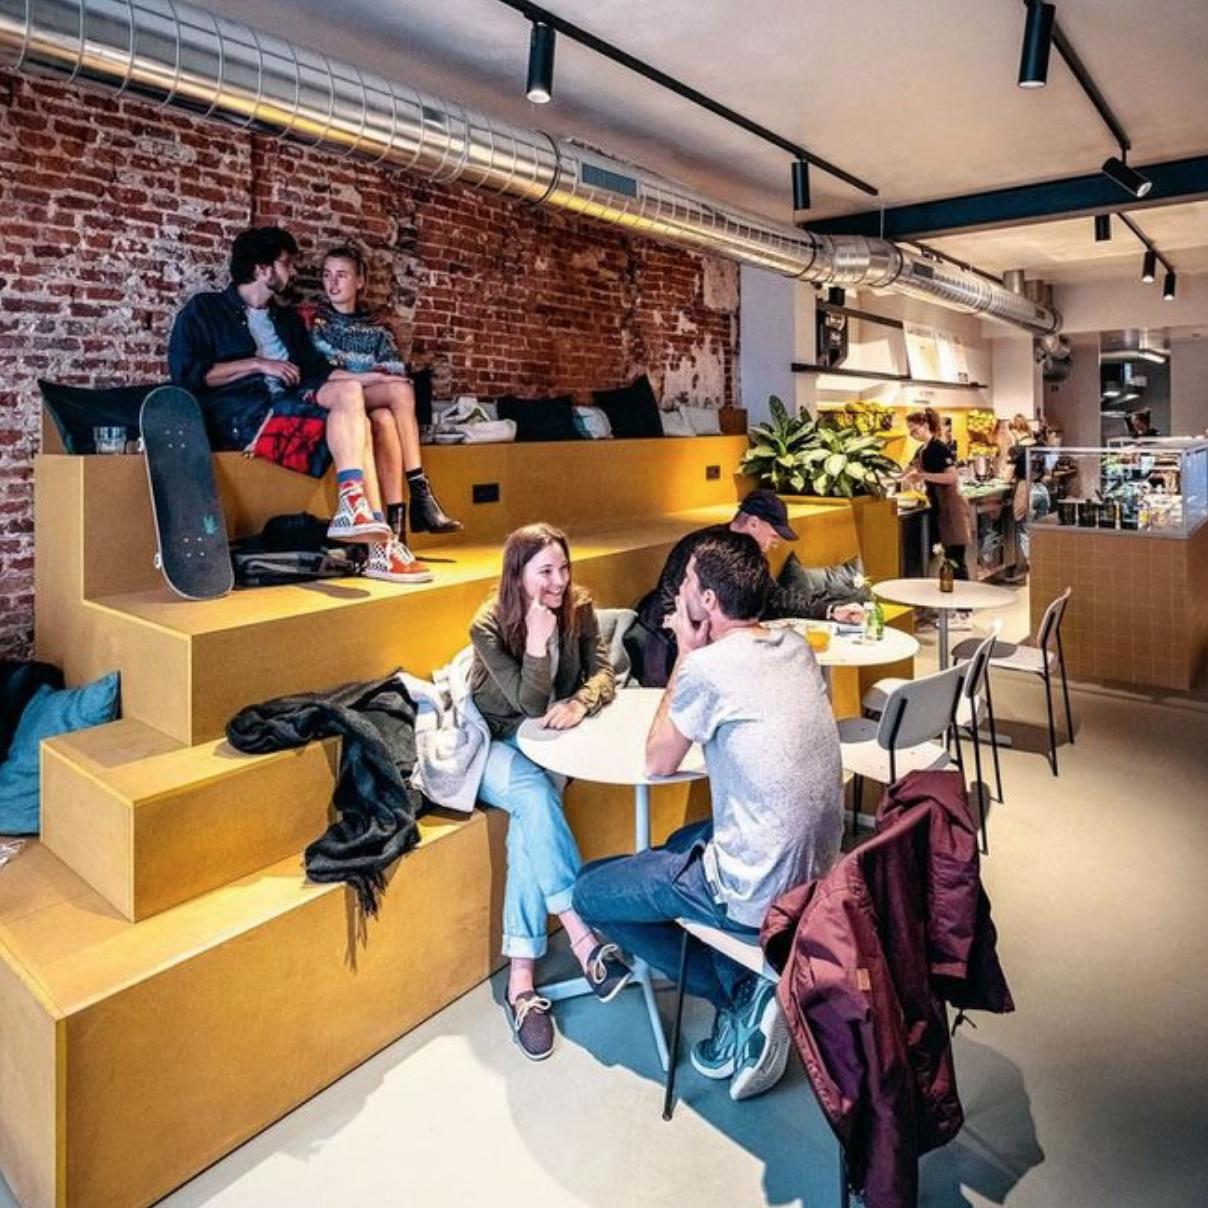 Knack Weekend - DE BAR IS OPEN (22/05/2019)In Gent rijzen nieuwe eetbars en -concepten rijzen als paddenstoelen uit de grond. Van een havermoutbar over een dumpling bar tot een aperitiefbar met disco. Een culinaire rondleiding, boven- en ondergronds.Voor de eerste Belgische havermoutbar moet je naar Gent, waar Anse Vanmassenhove en haar broer Ewout het aandurfden om uit te pakken met een casual concept, gericht op gezondheid …